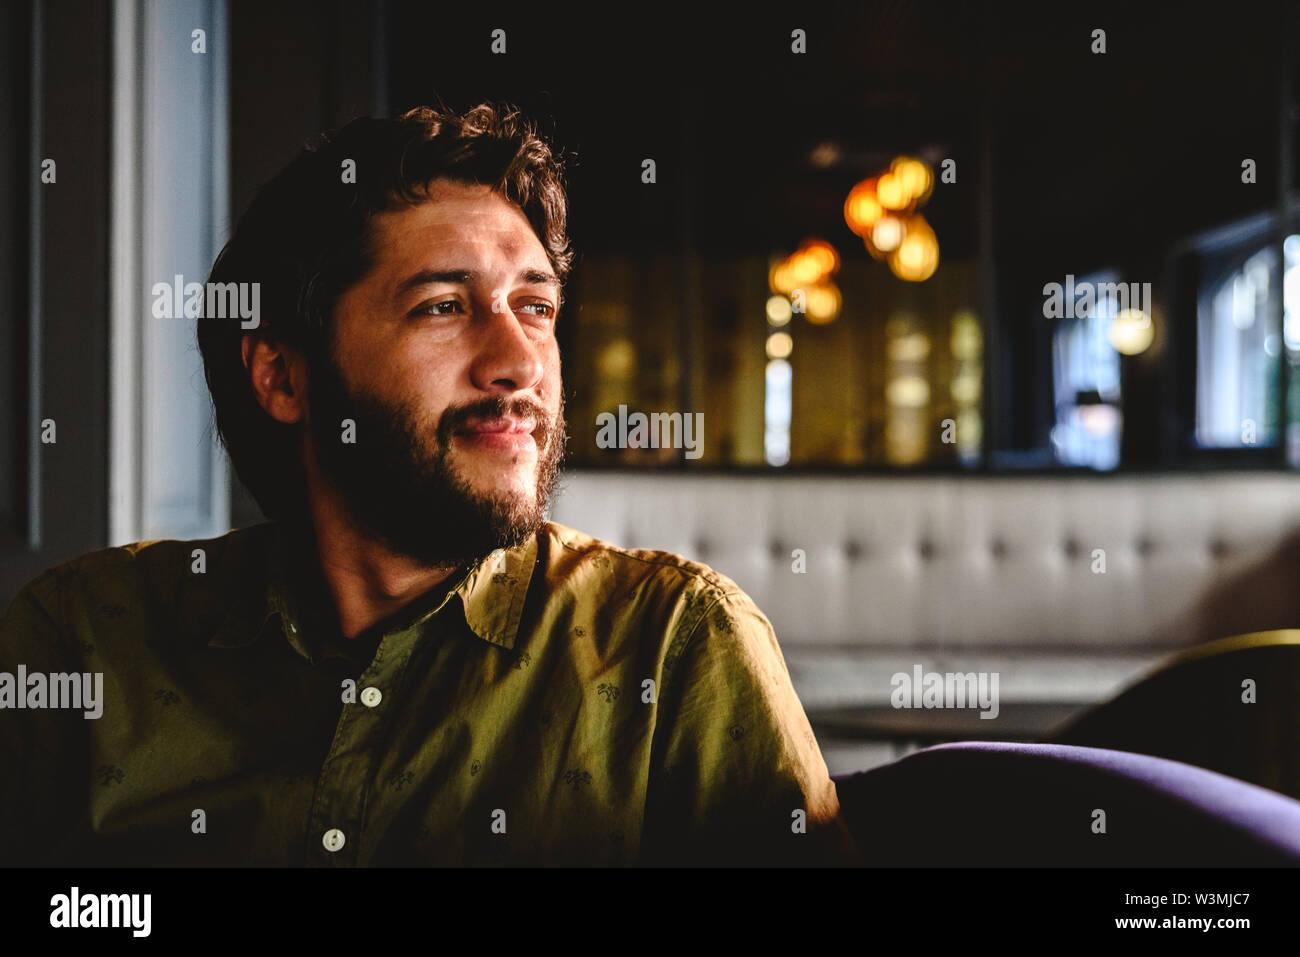 Joven con barba latino mirando al infinito pensando en los futuros negocios. Imagen De Stock